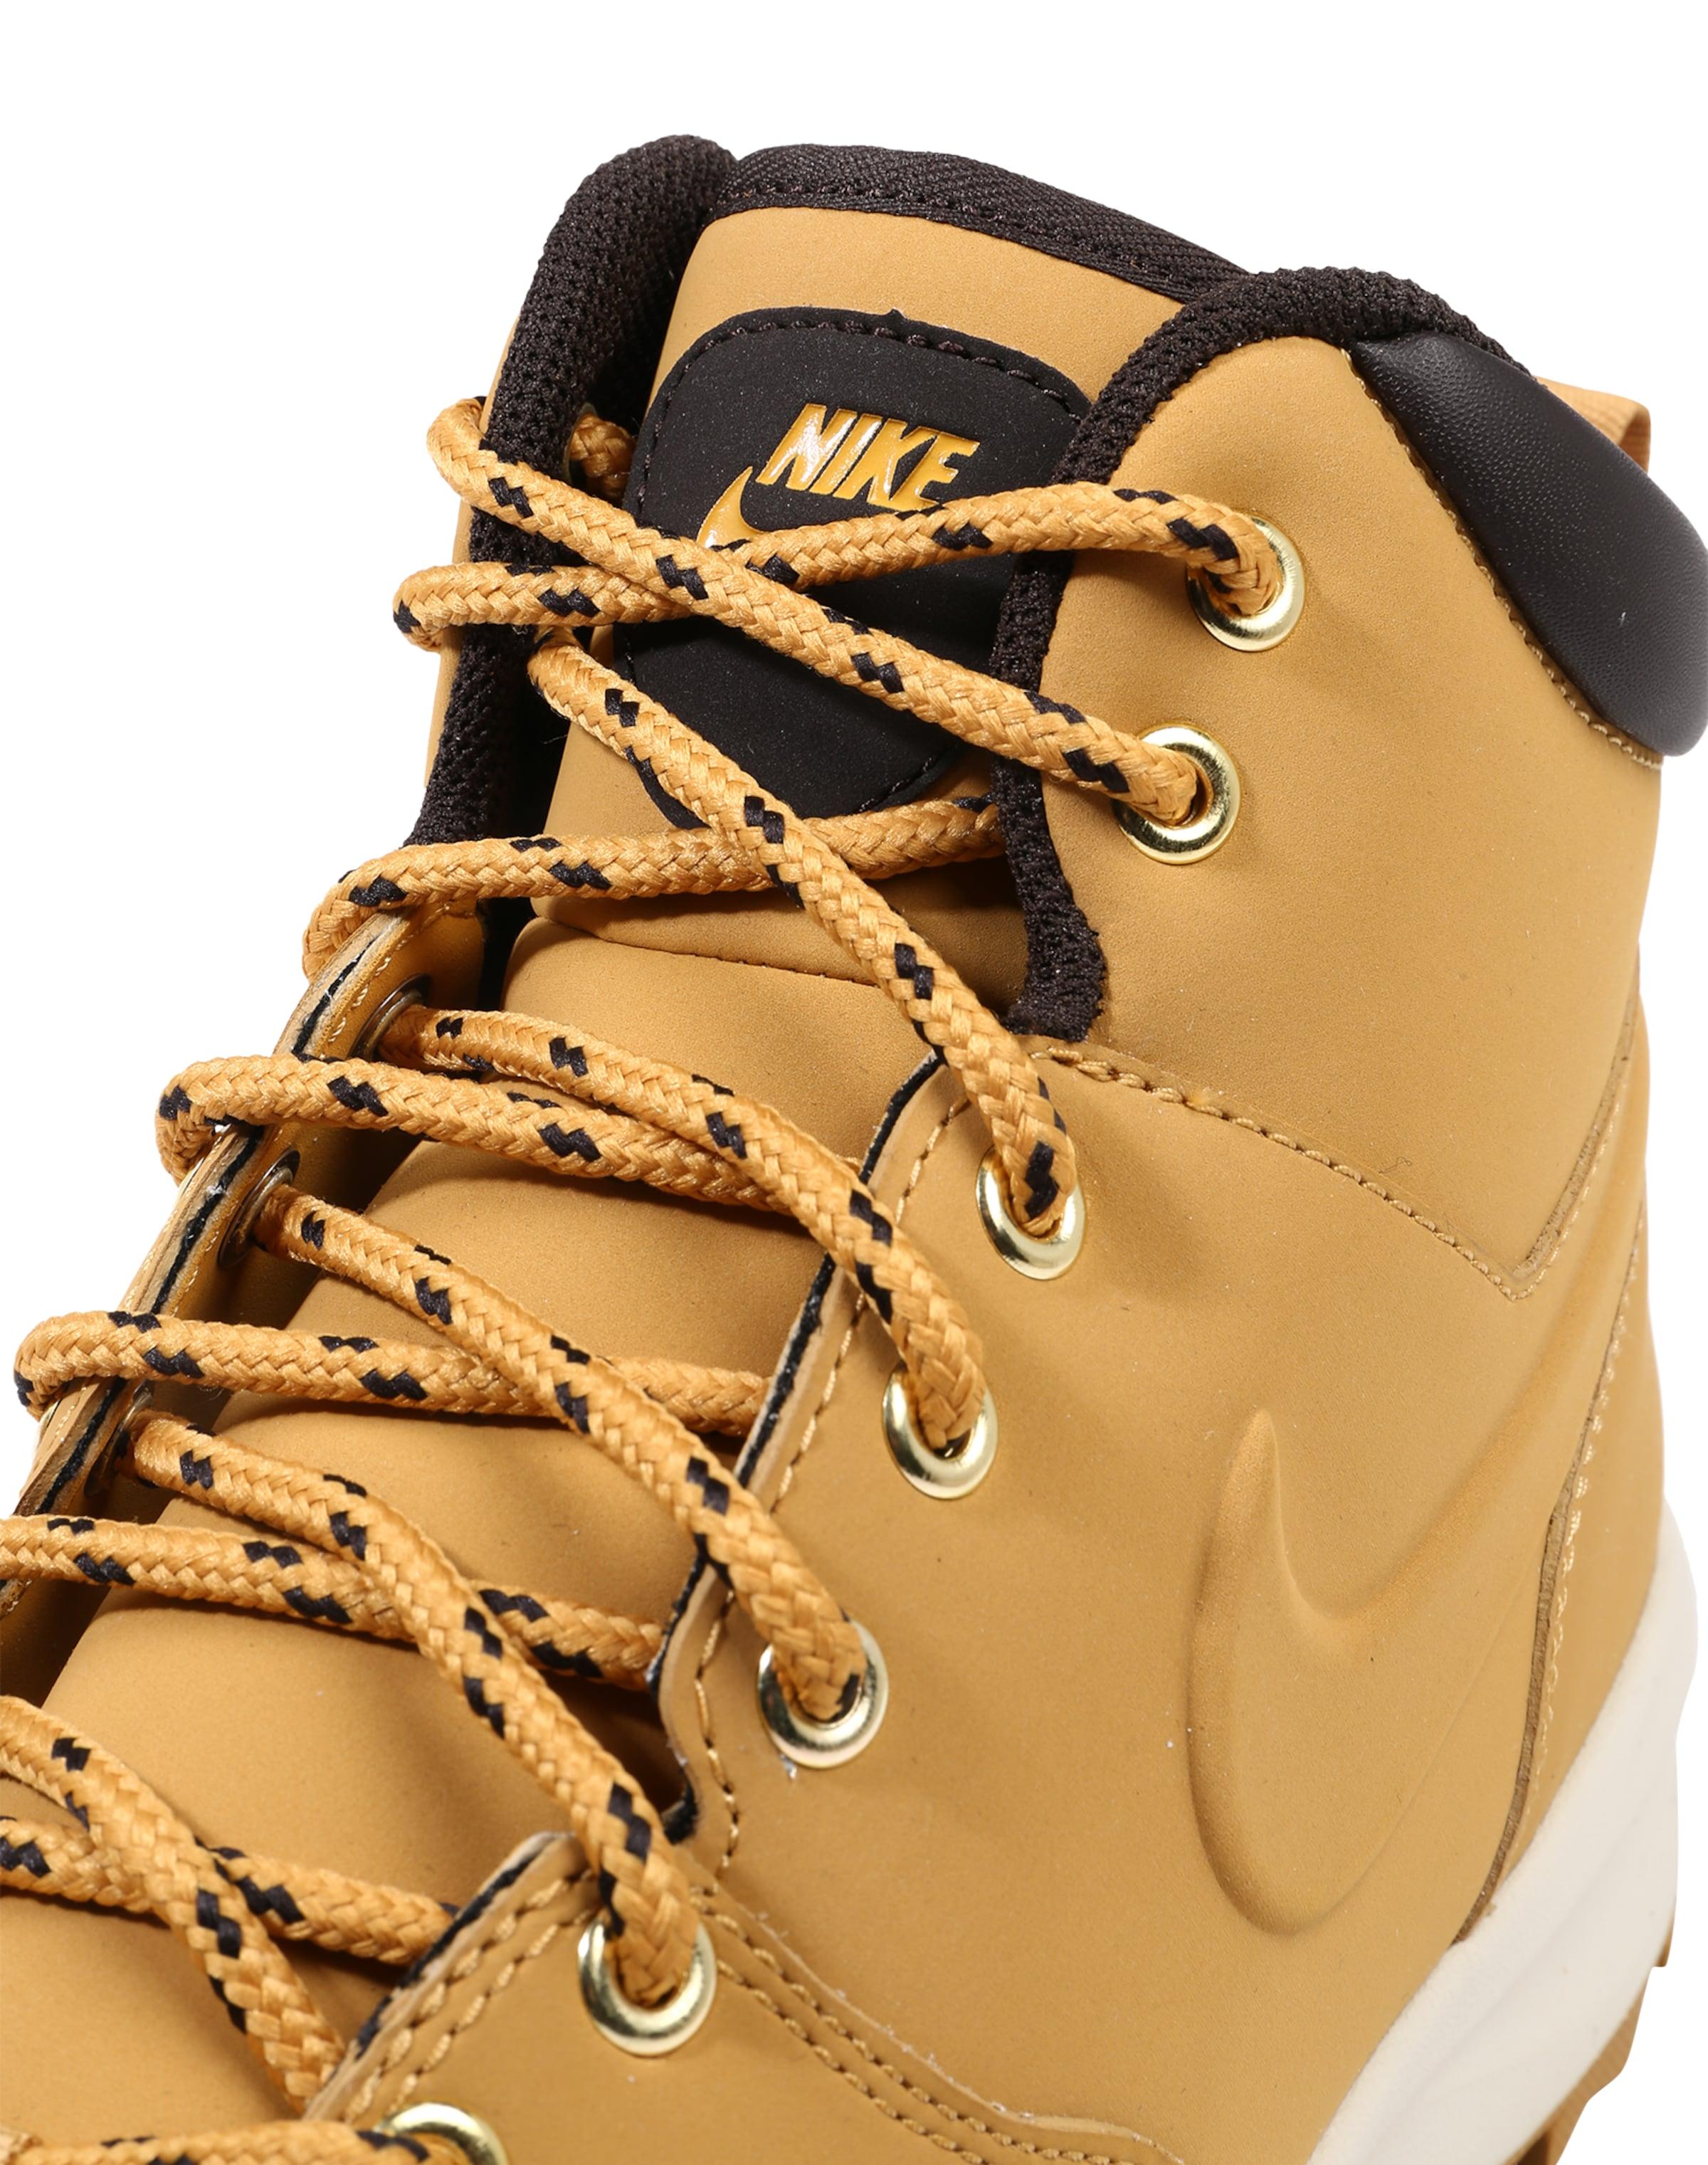 High Sportswear Nike Sneaker In 'manoa' Sand 35R4jLA